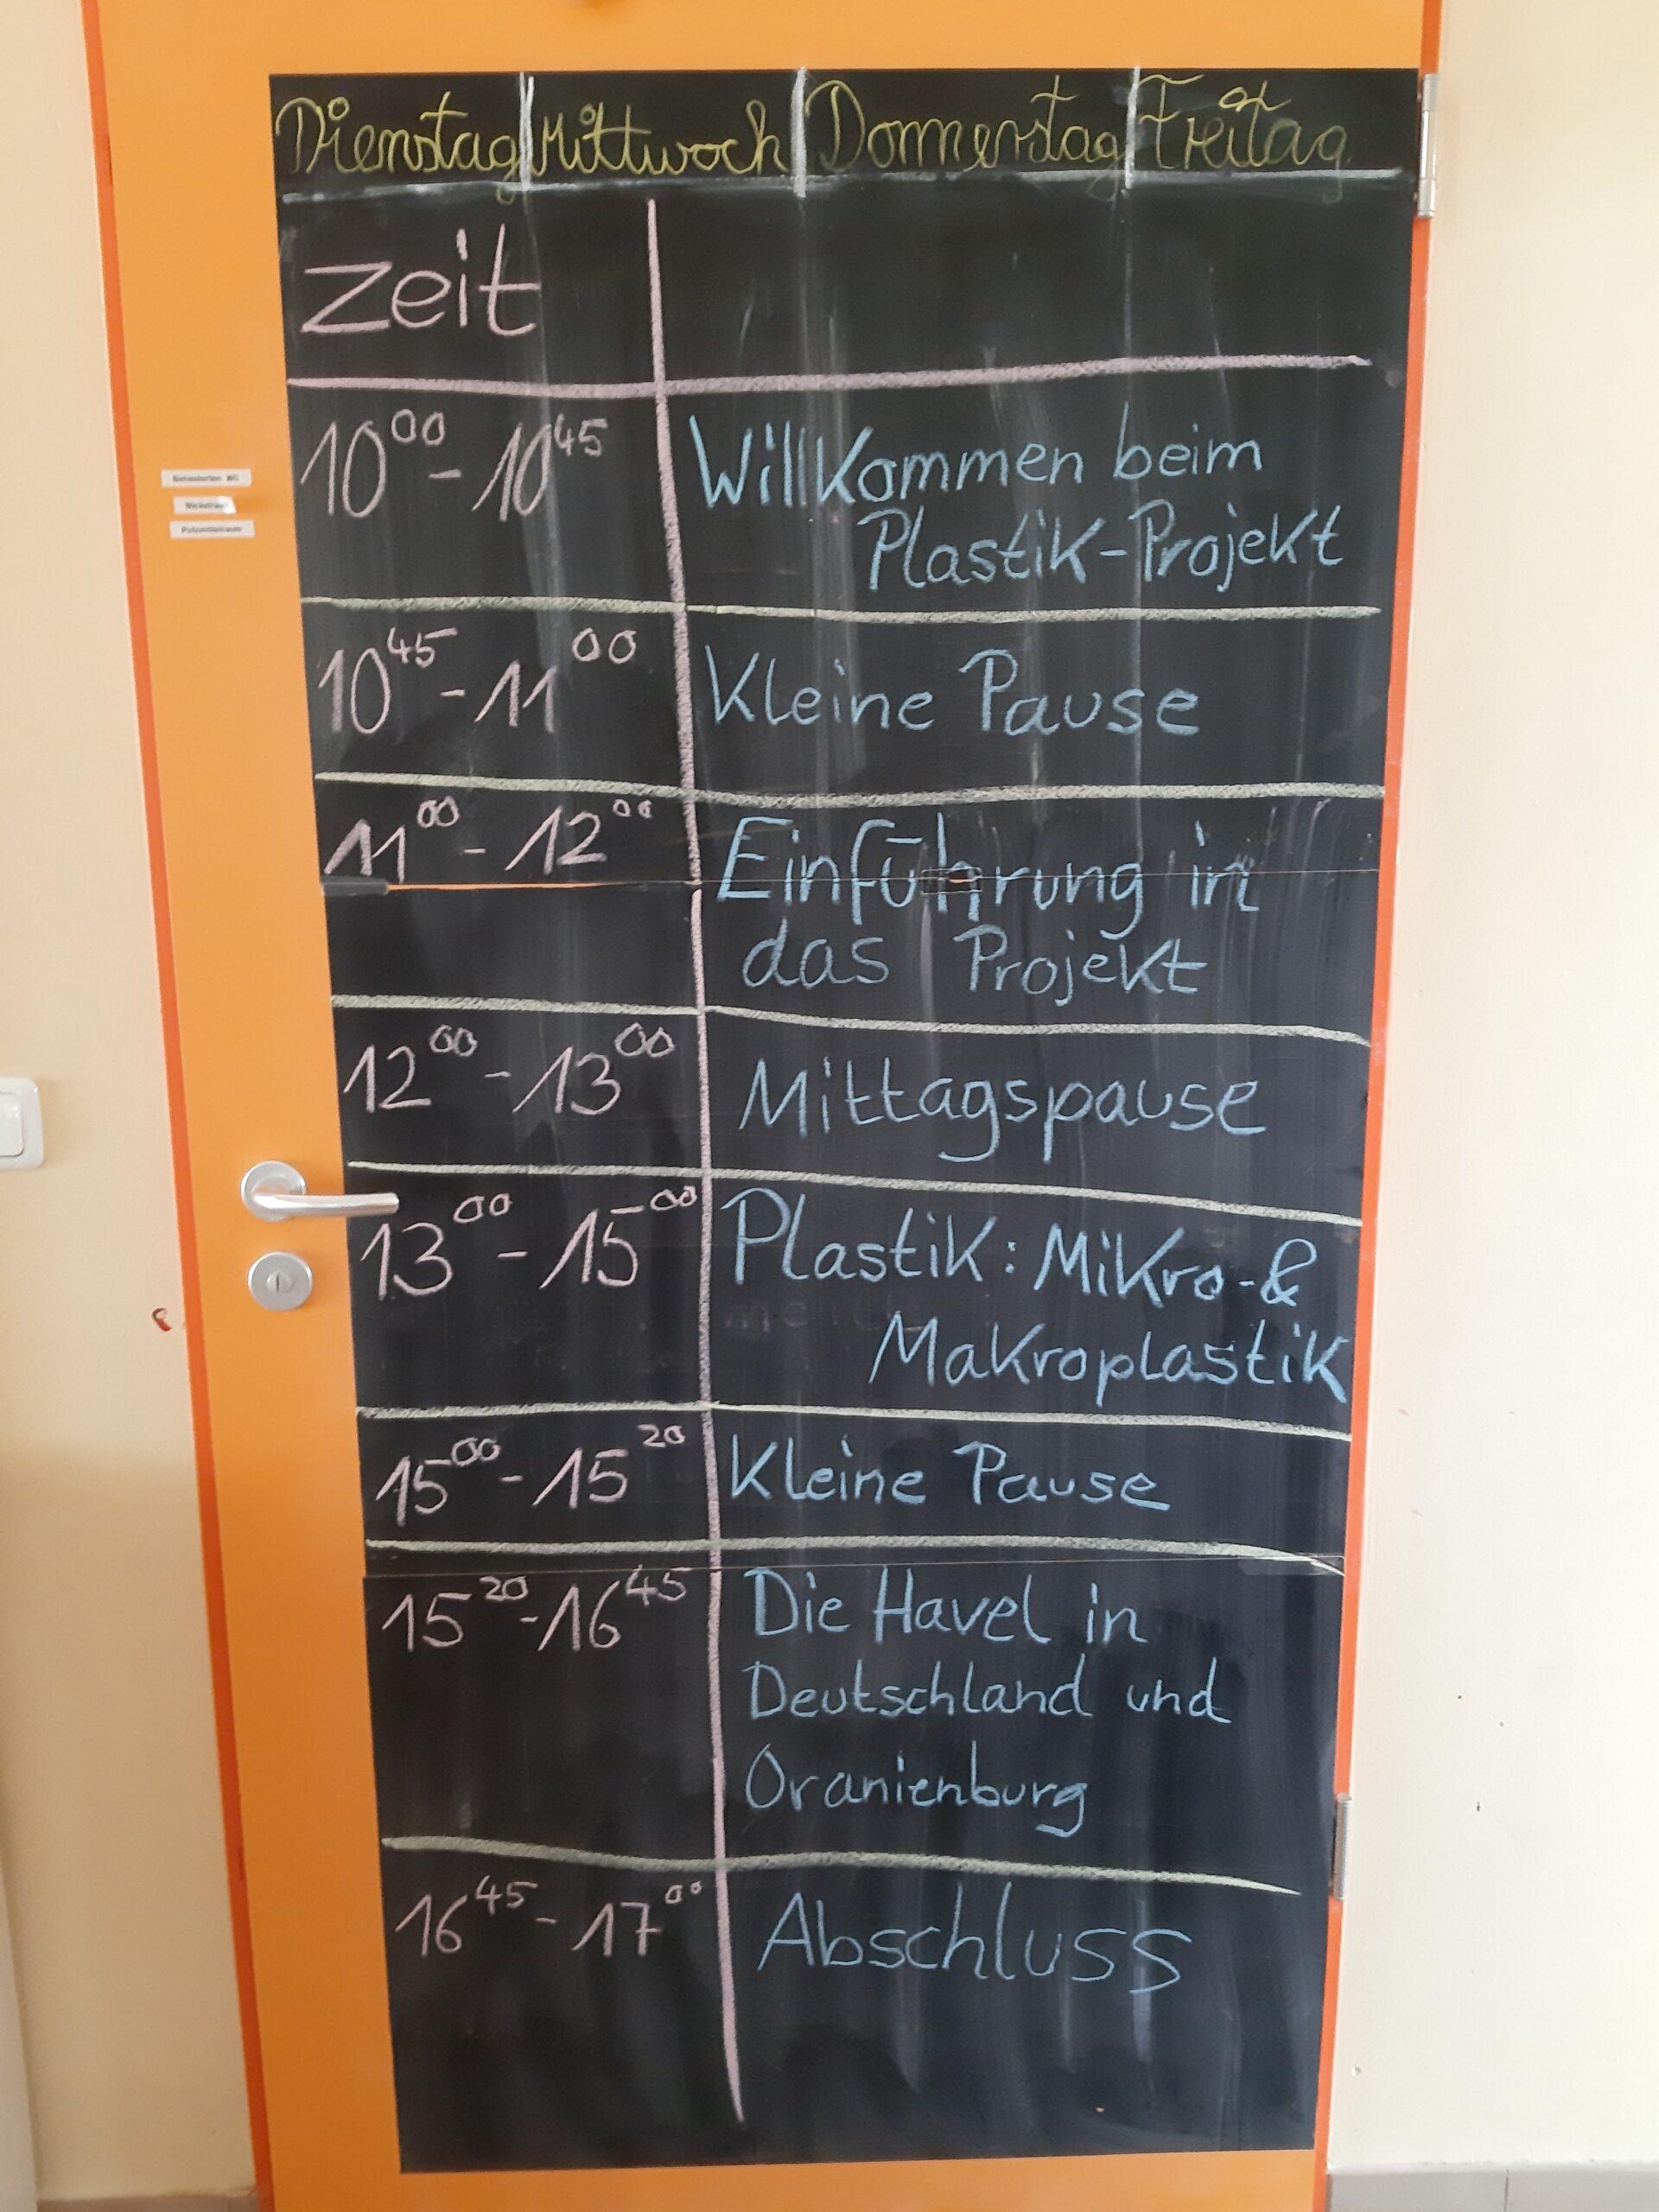 Tagesplan - Tag 1